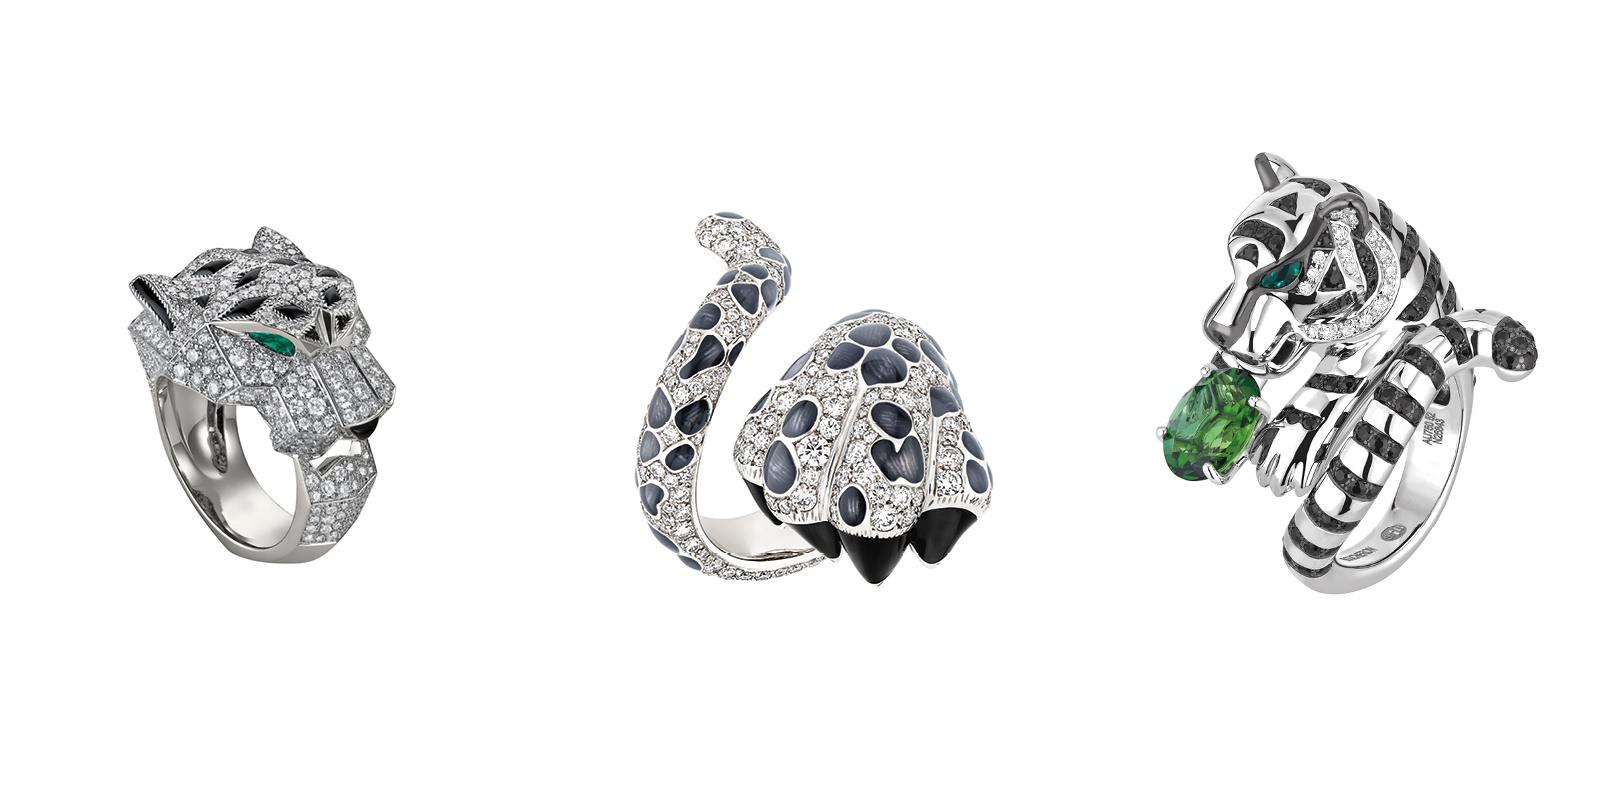 """Bague """"Panthère"""" enor gris,diamants, émeraudes etonyx, CARTIER. Bague """"Mitza"""" enor blanc, diamants et laque gris-bleu, DIOR JOAILLERIE. Bague """"Bagha, le tigre"""" entourmaline verte, diamants, saphirs noirs, émeraudes taille cabochon etor blanc, BOUCHERON."""